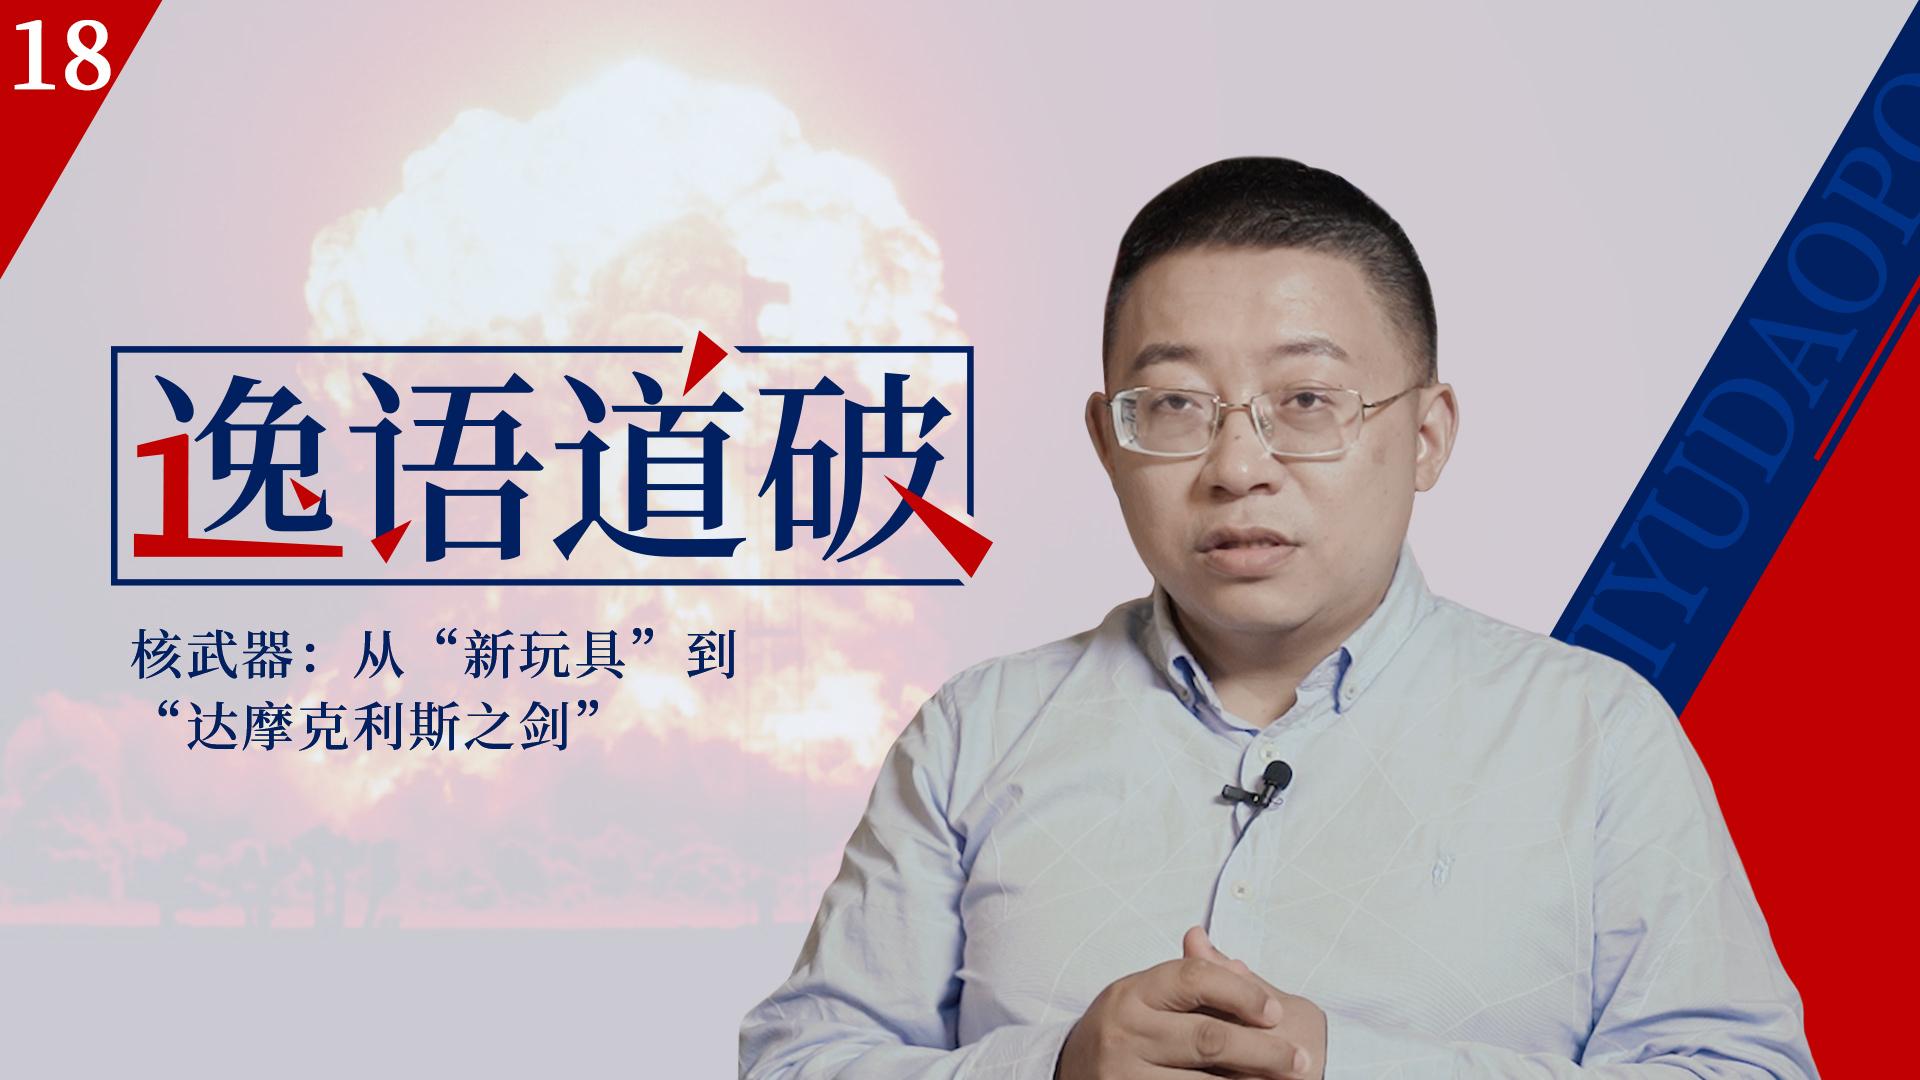 """逸语道破18:美国曾三次计划向中国军队投核弹,""""为所欲为的报复""""是如何破产的?"""